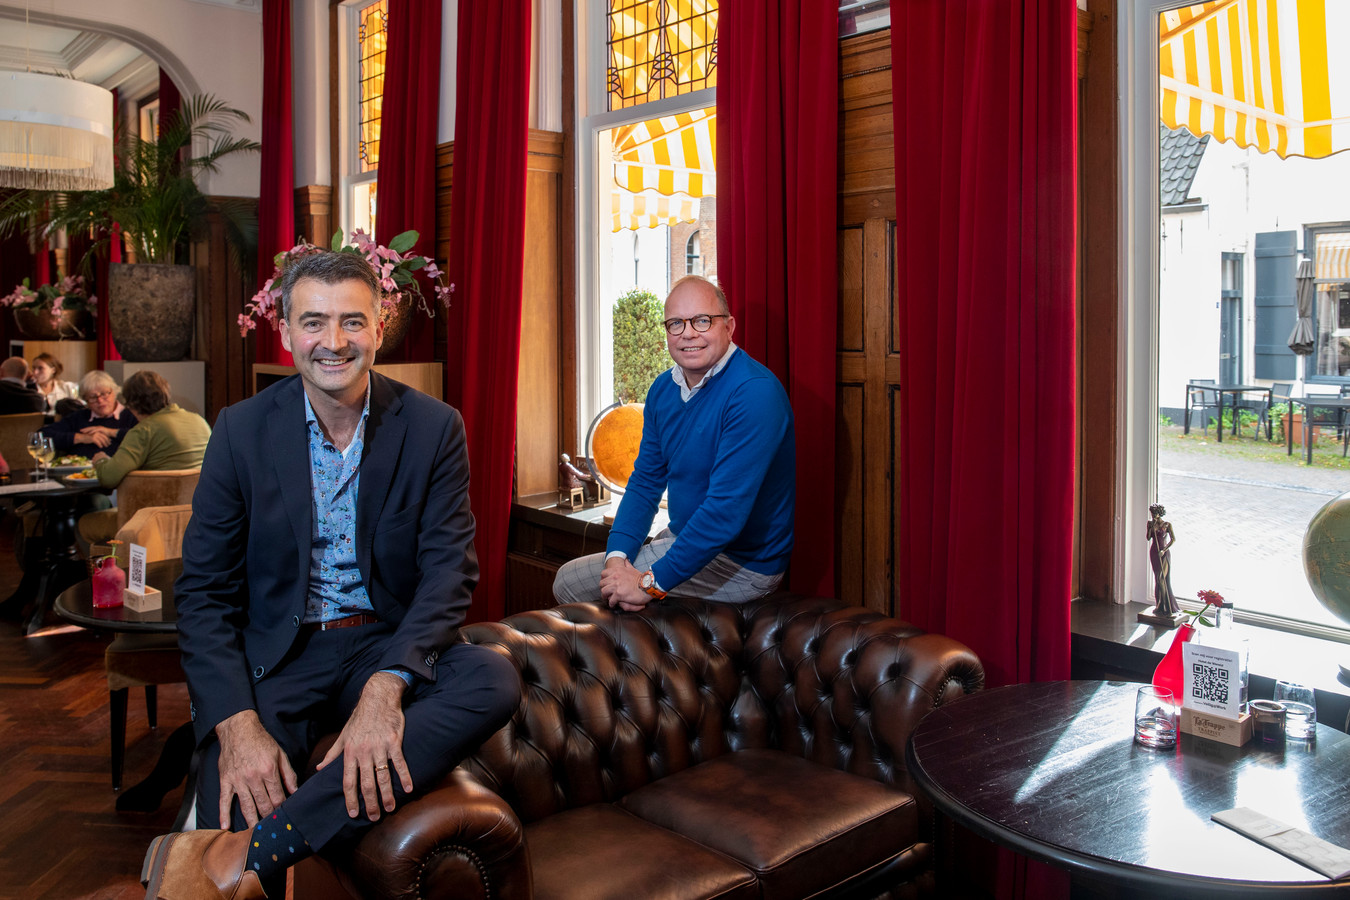 De nieuwe eigenaren van Hotel de Wereld, Hans Hooft (links) en Kees Hensen.